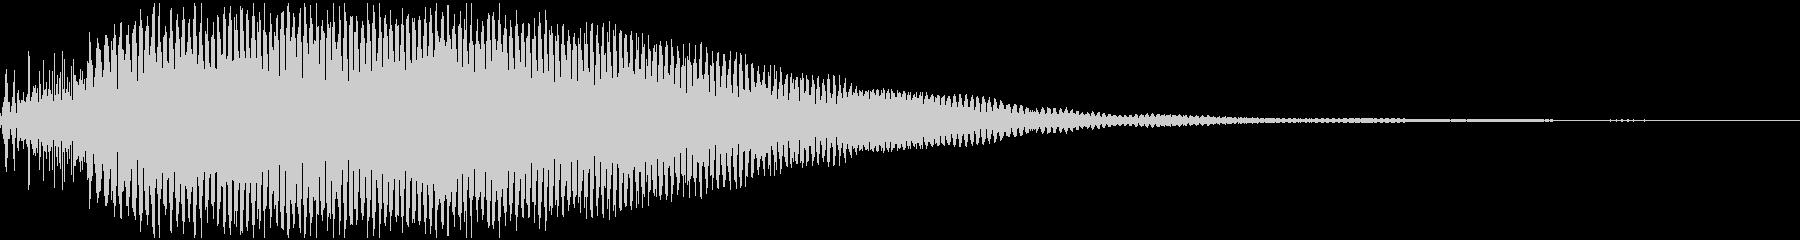 宇宙感漂う機械的な音の未再生の波形